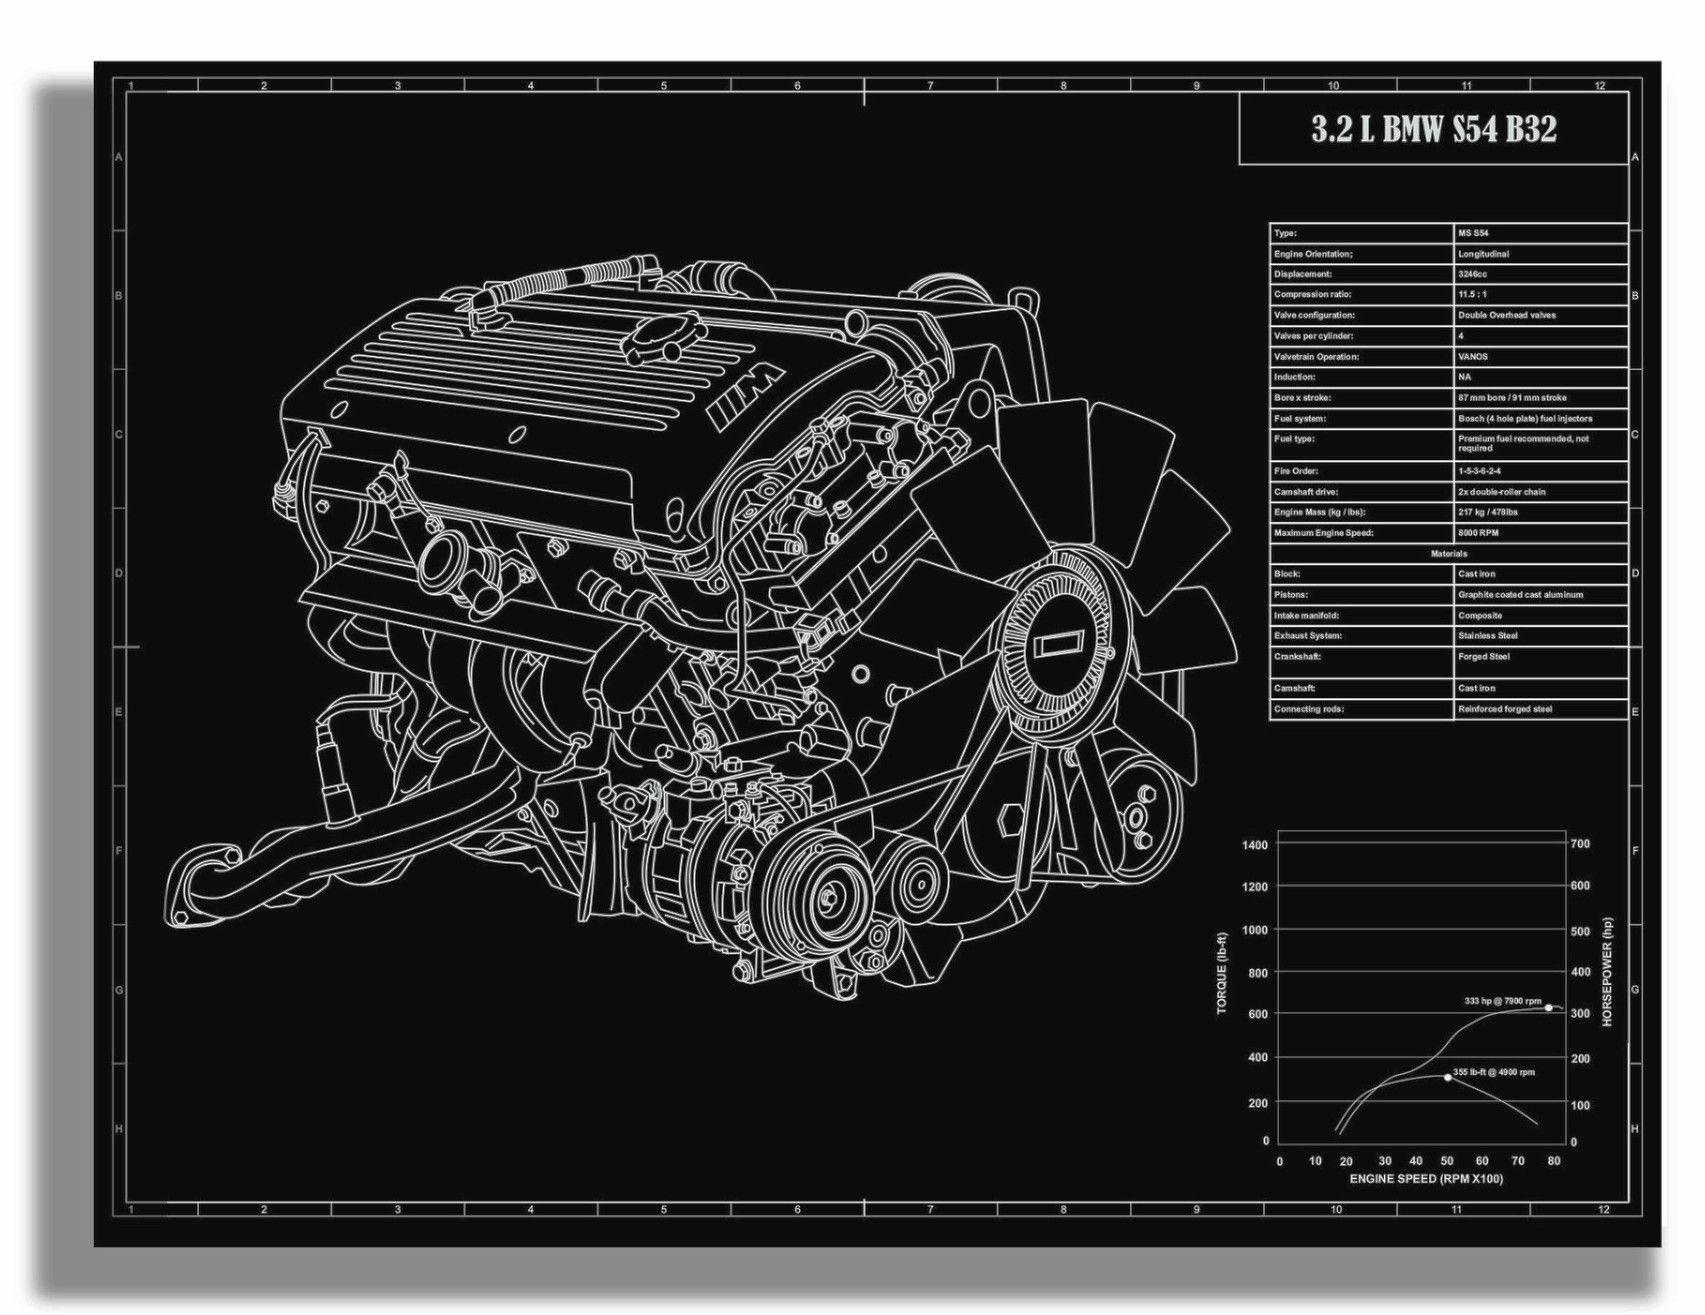 small resolution of bmw e46 m3 s54 b32 engine engine bmw bmw cars bmw e46 2002 bmw e46 s54 m3 wiring diagram